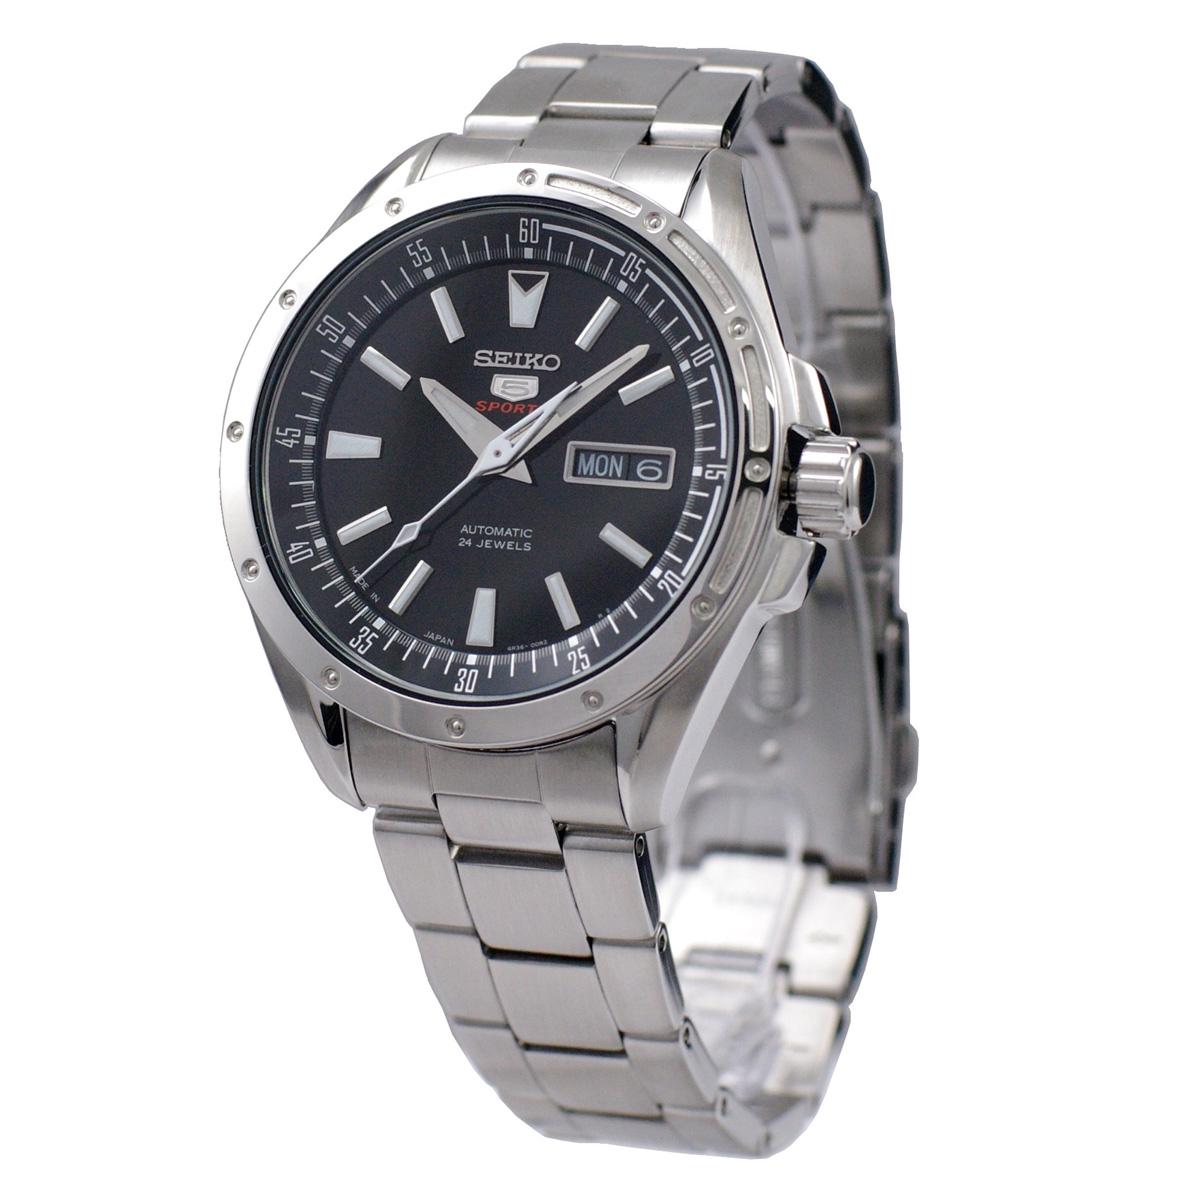 セイコー SEIKO 5 SPORTS 腕時計 メカニカル 自動巻き(手巻付き) 日本製 SARZ005 メンズ